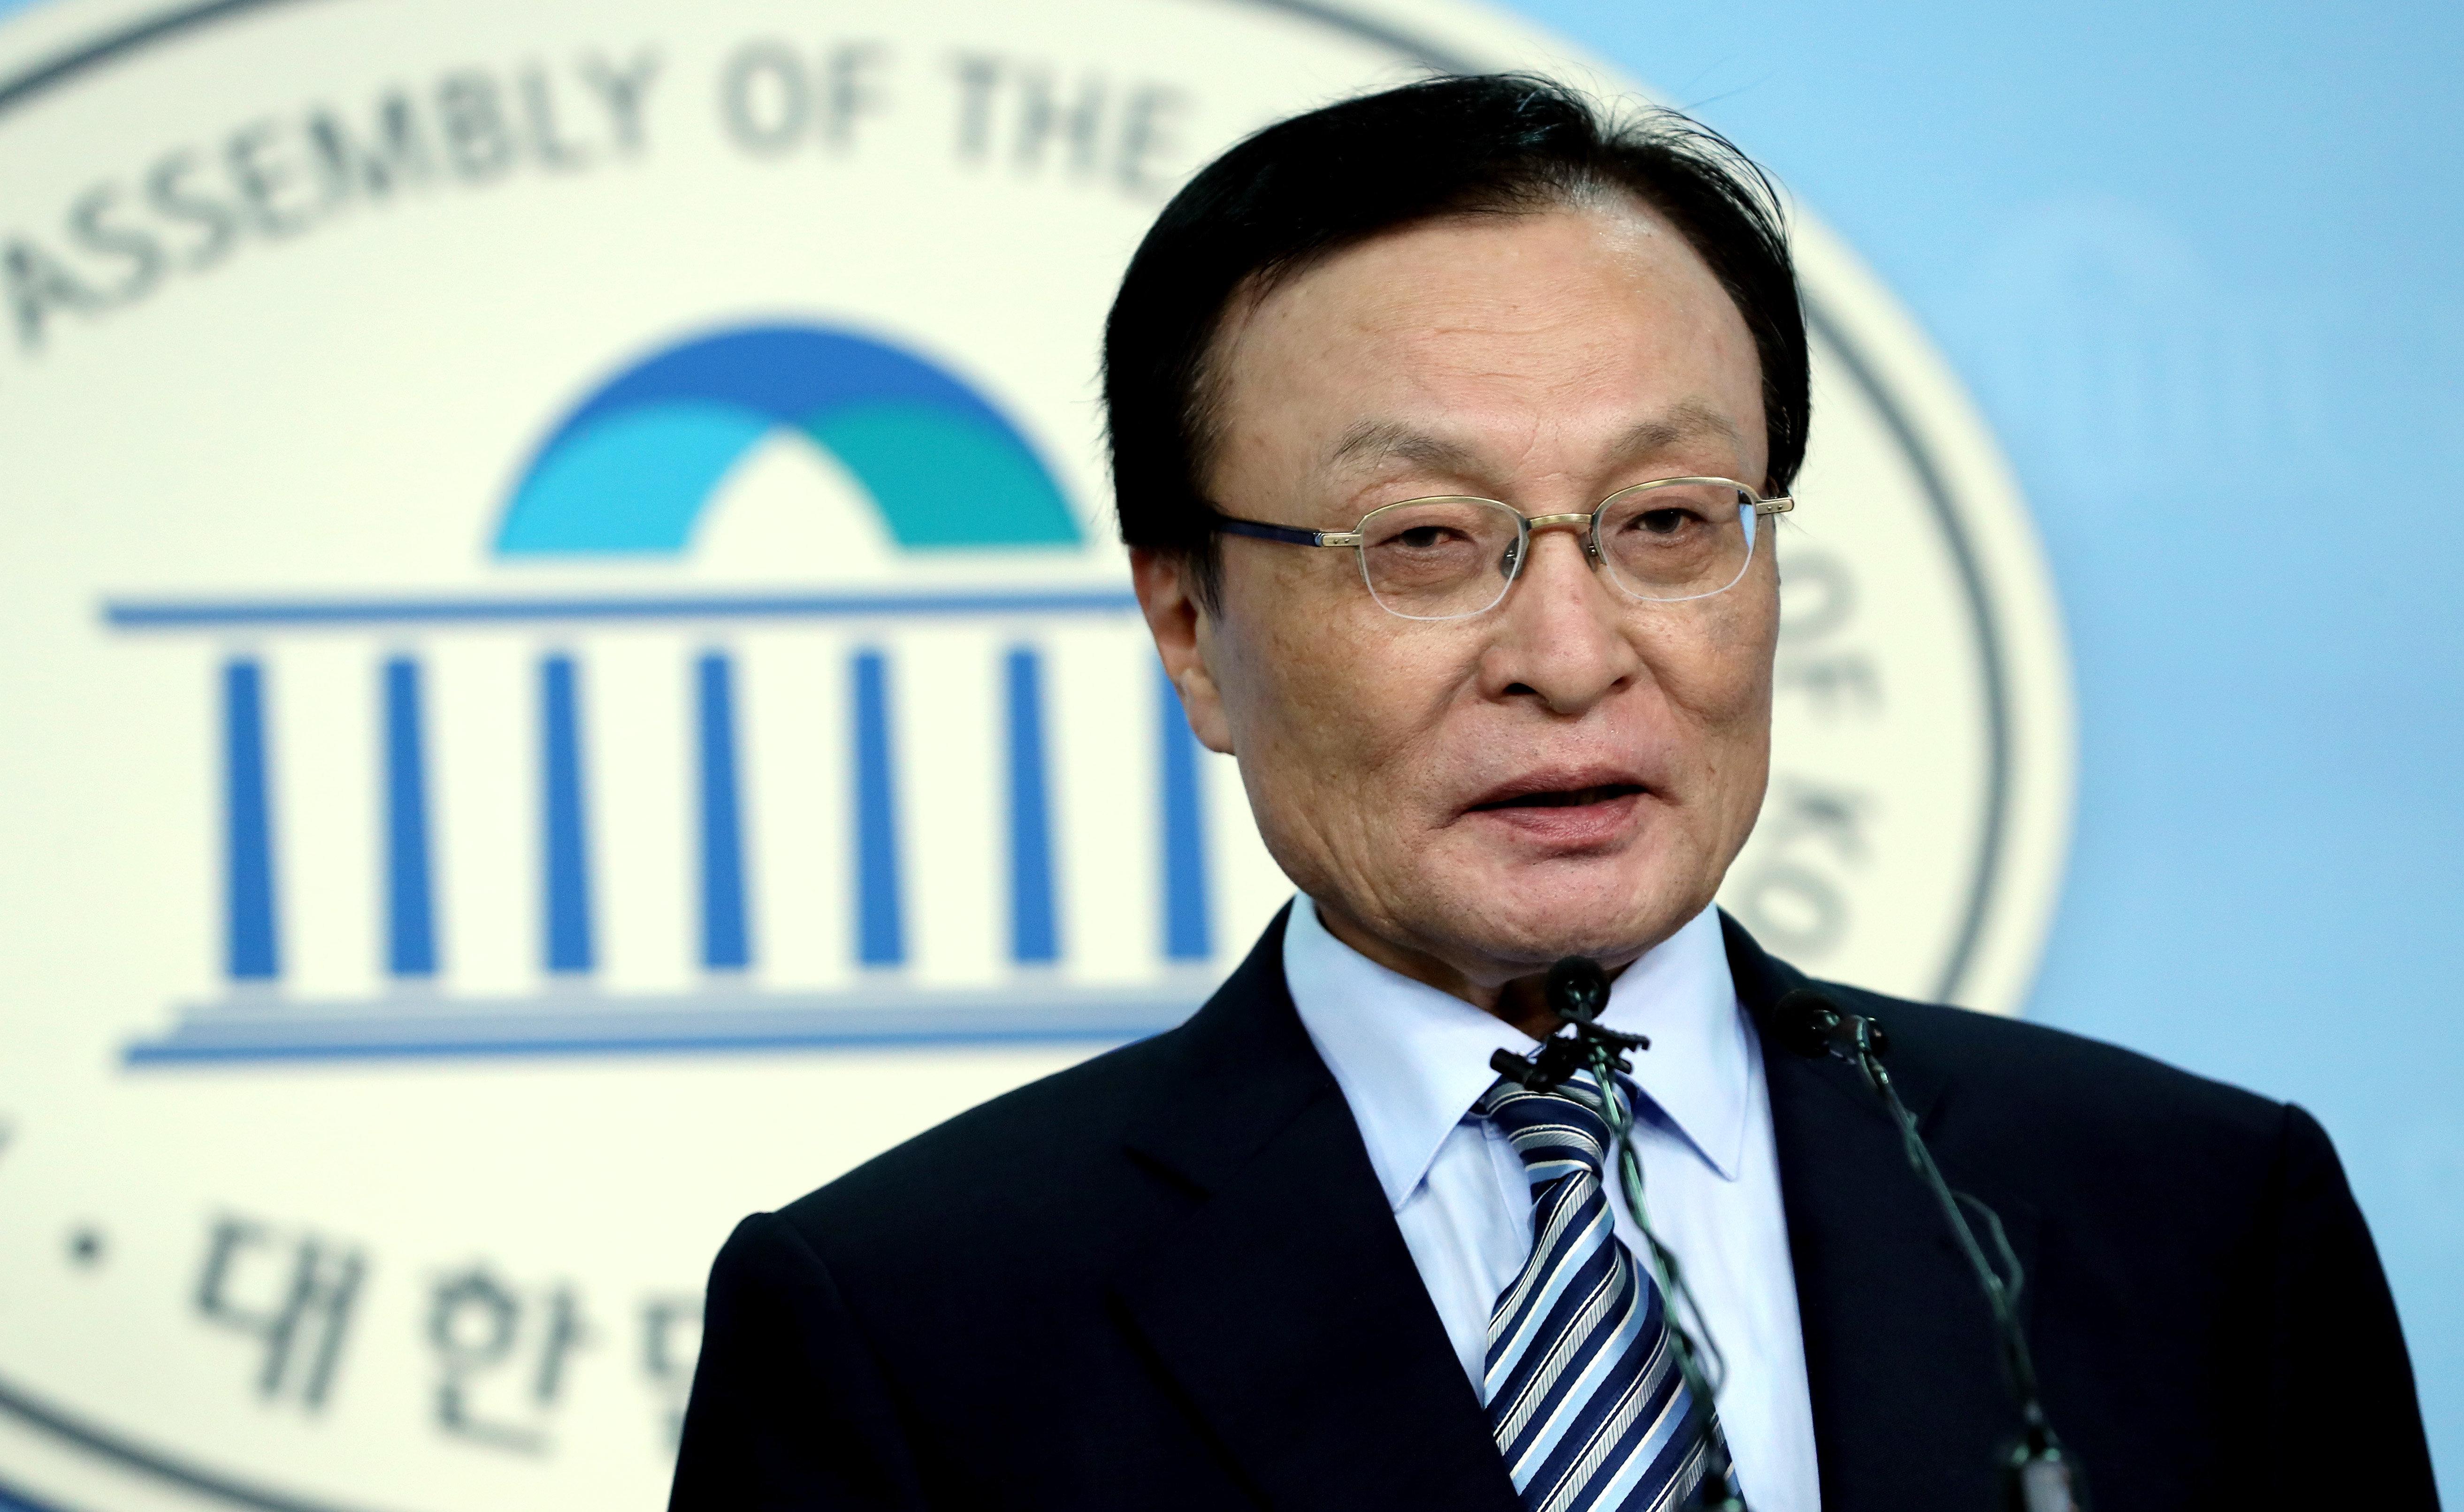 '썰전'이 예측했던 민주당 당대표 경선 '최대 변수' 이해찬이 출마